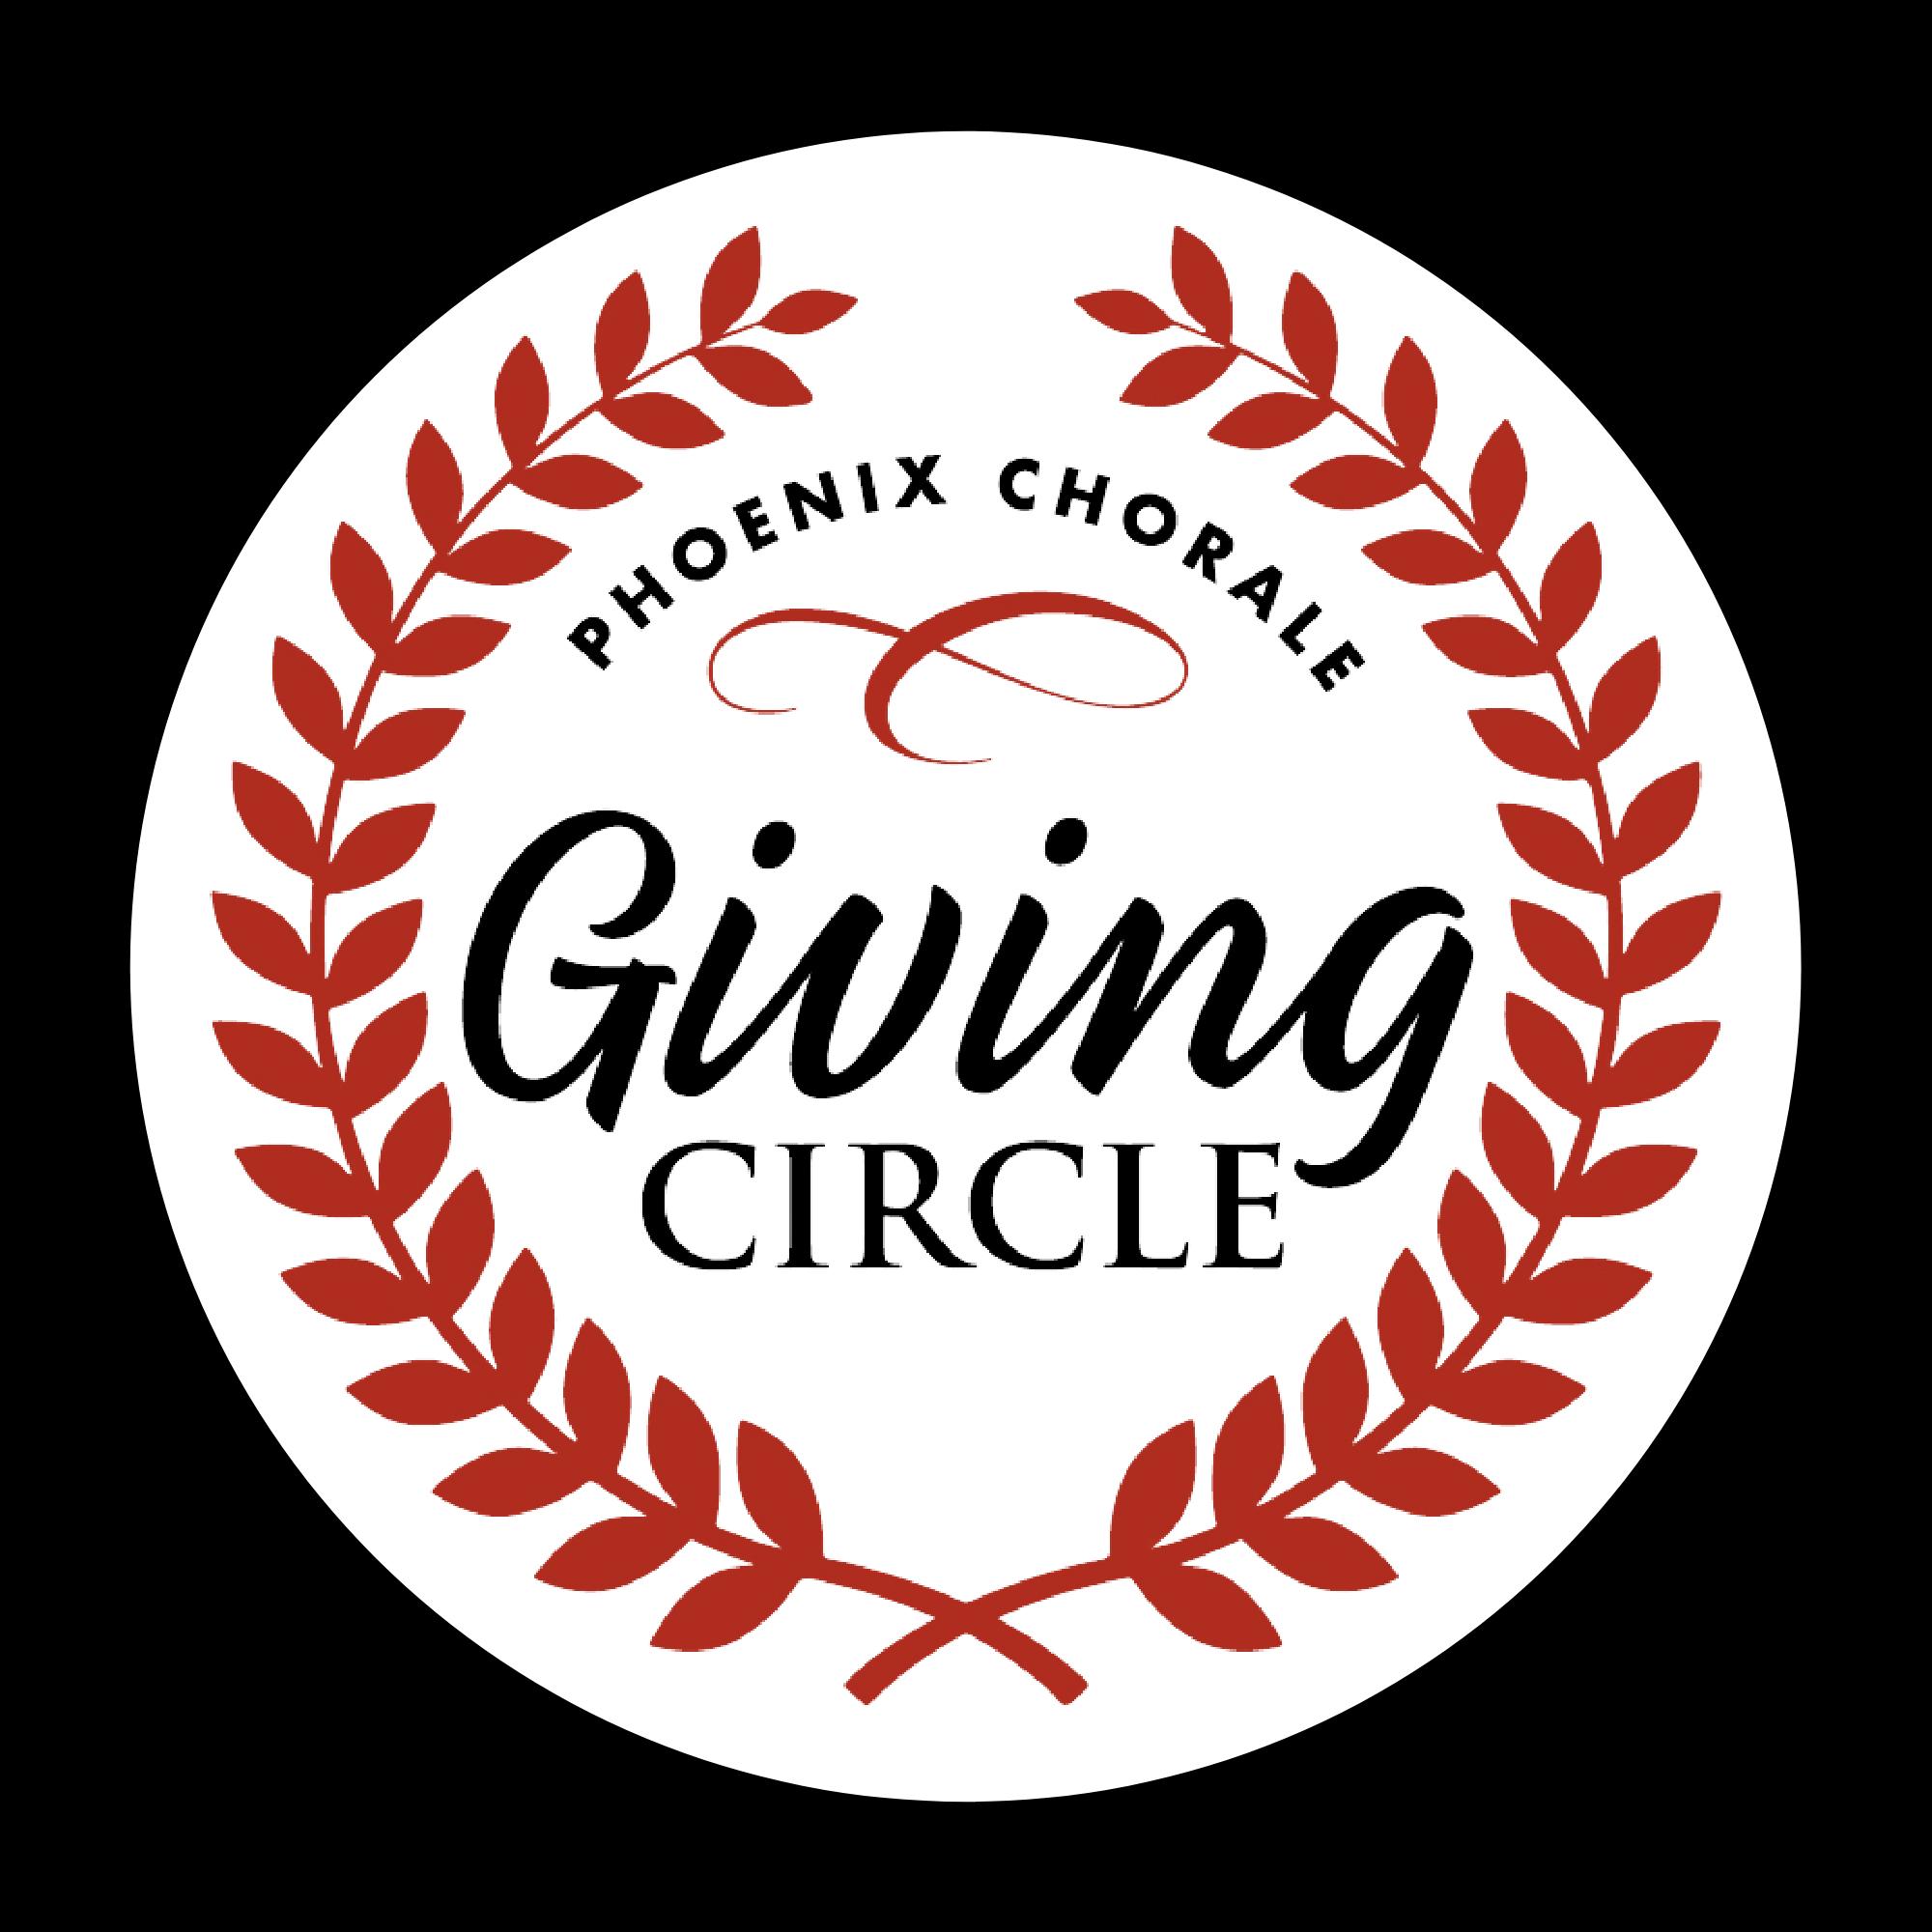 Giving Circle